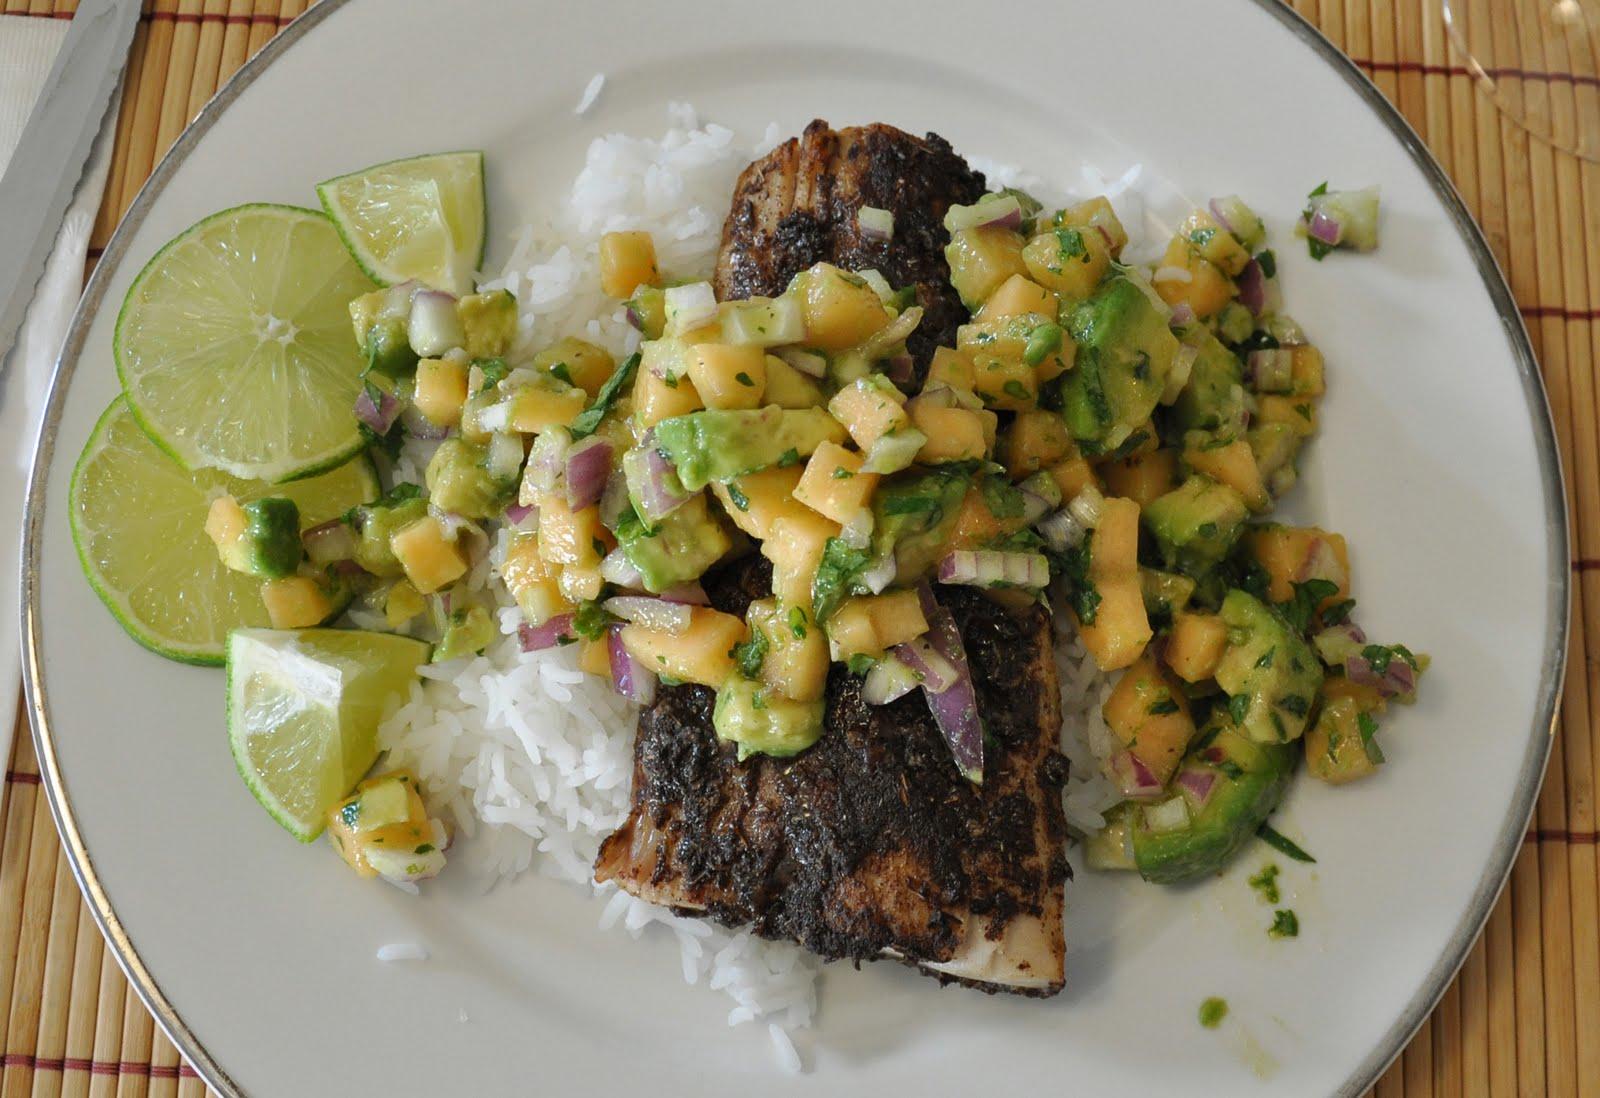 ... she cooks, too: Jerk-spiced grilled mahi mahi with avocado-melon salsa